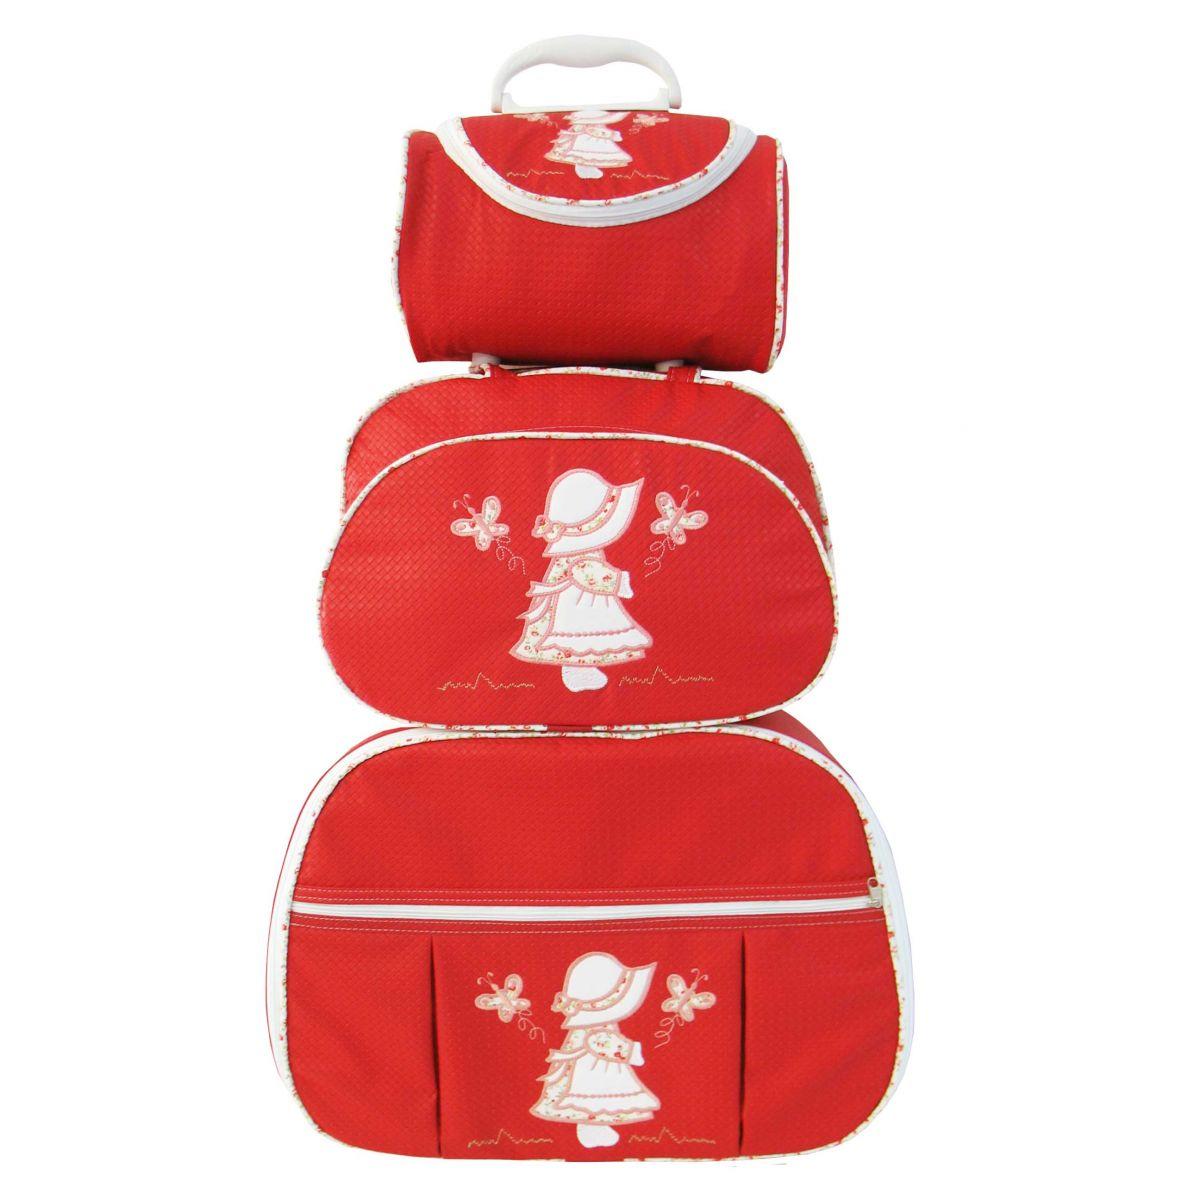 Kit de Bolsa Maternidade Camponesa Vermelha 3 peças + Brinde